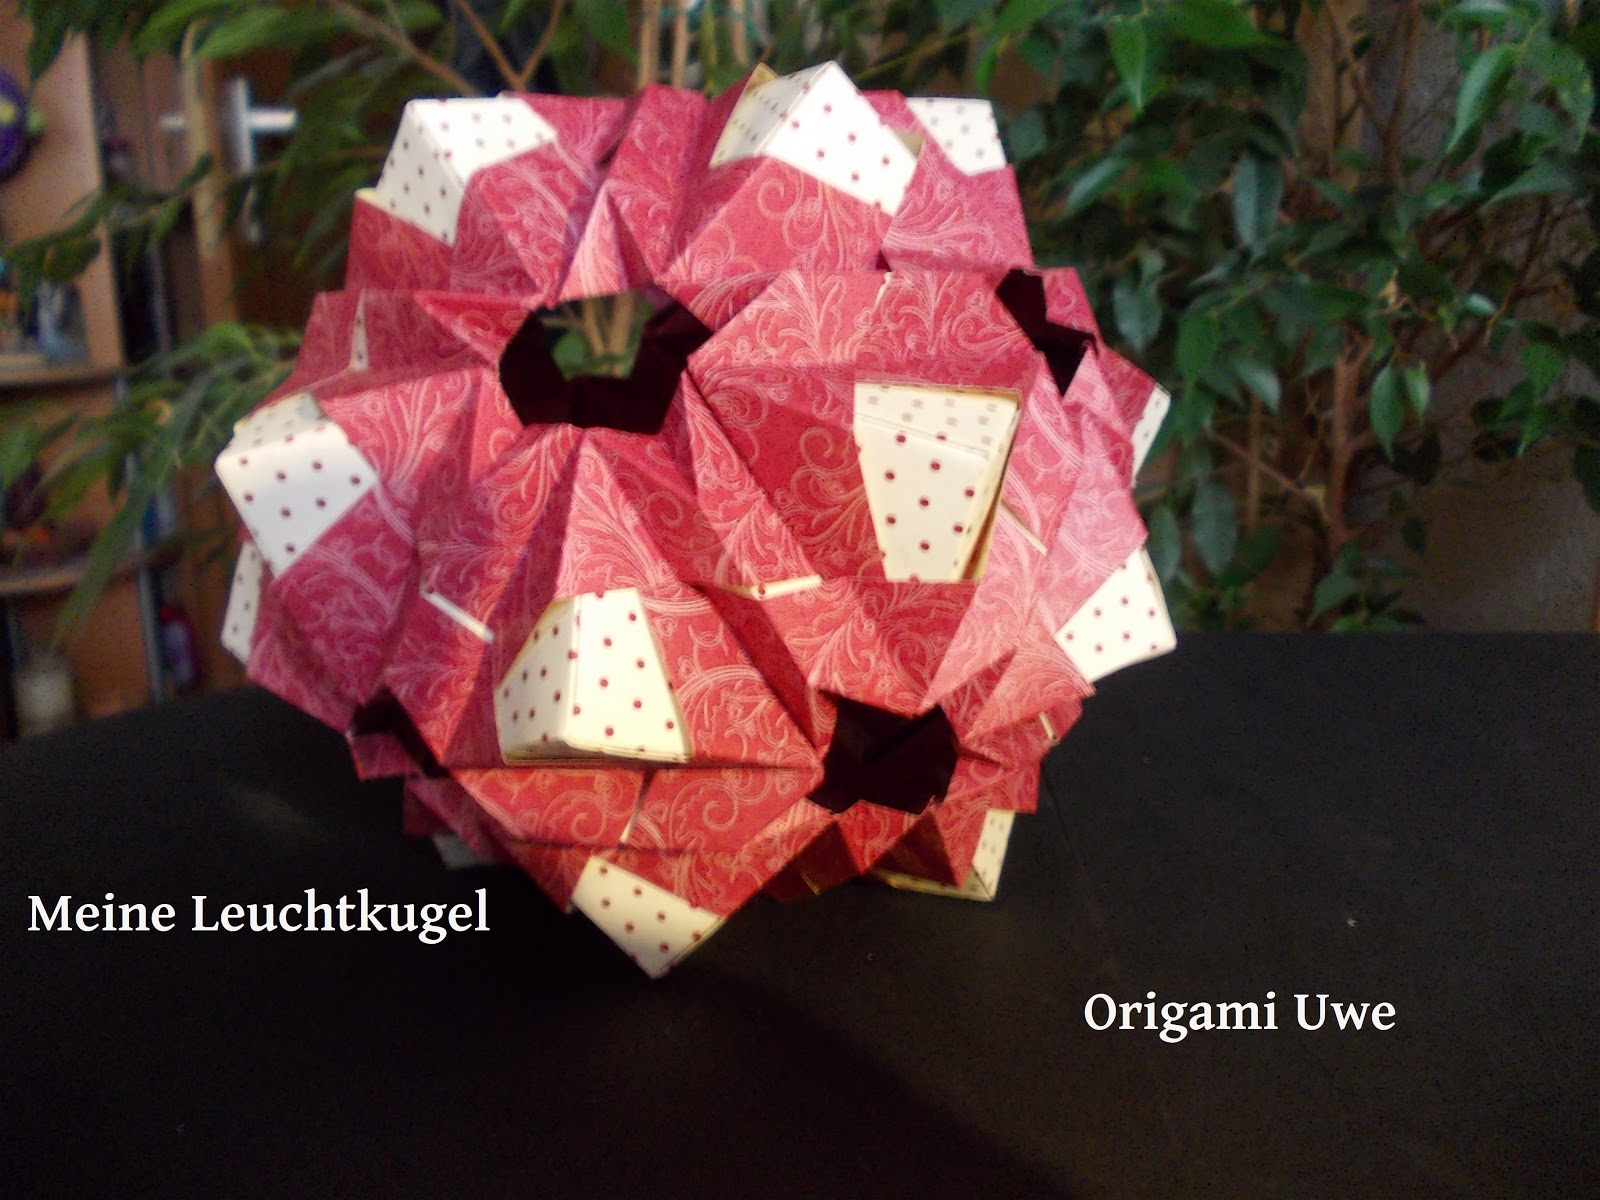 origami fleurogami und sterne diagramm leuchtkugel. Black Bedroom Furniture Sets. Home Design Ideas